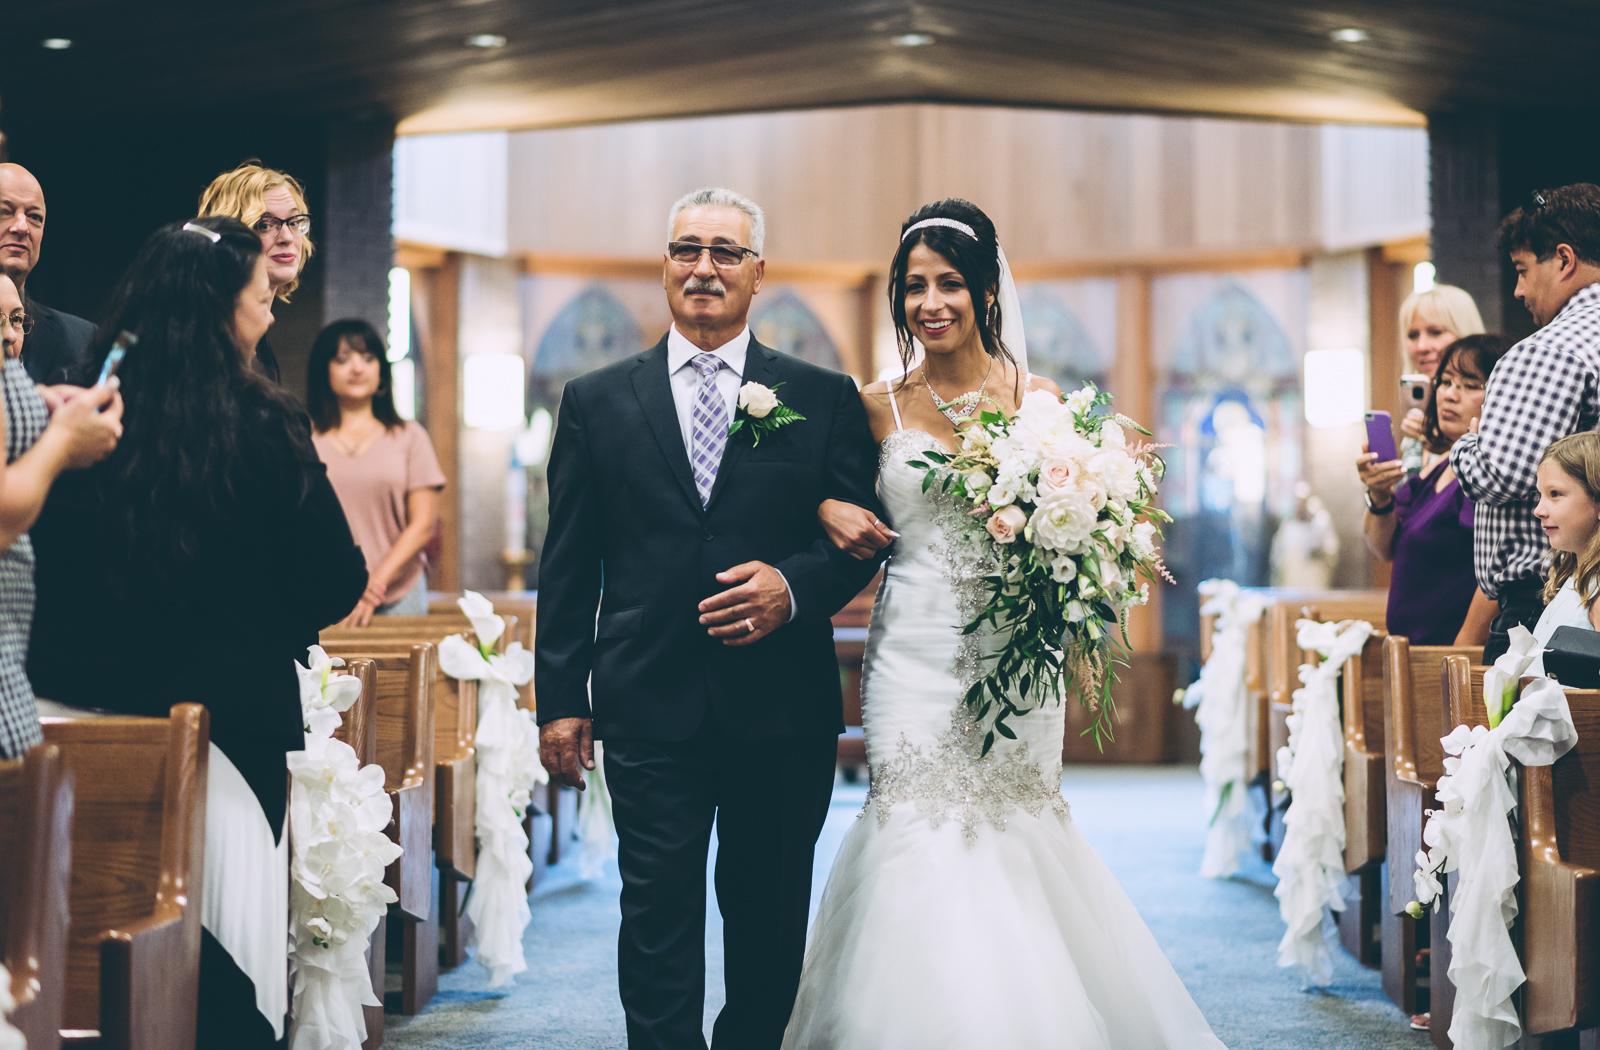 dan-josie-wedding-blog-93.jpg